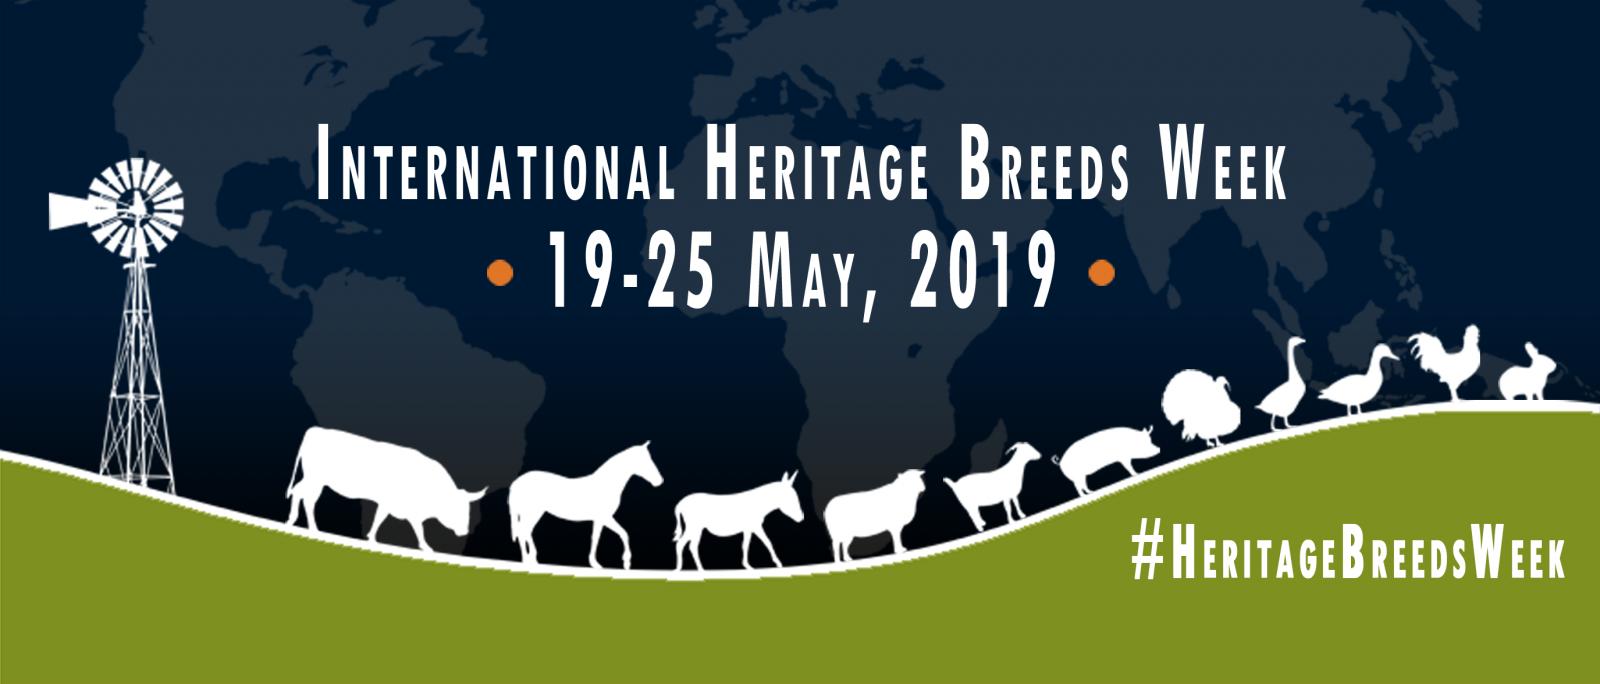 International Heritage Breeds Week 2019